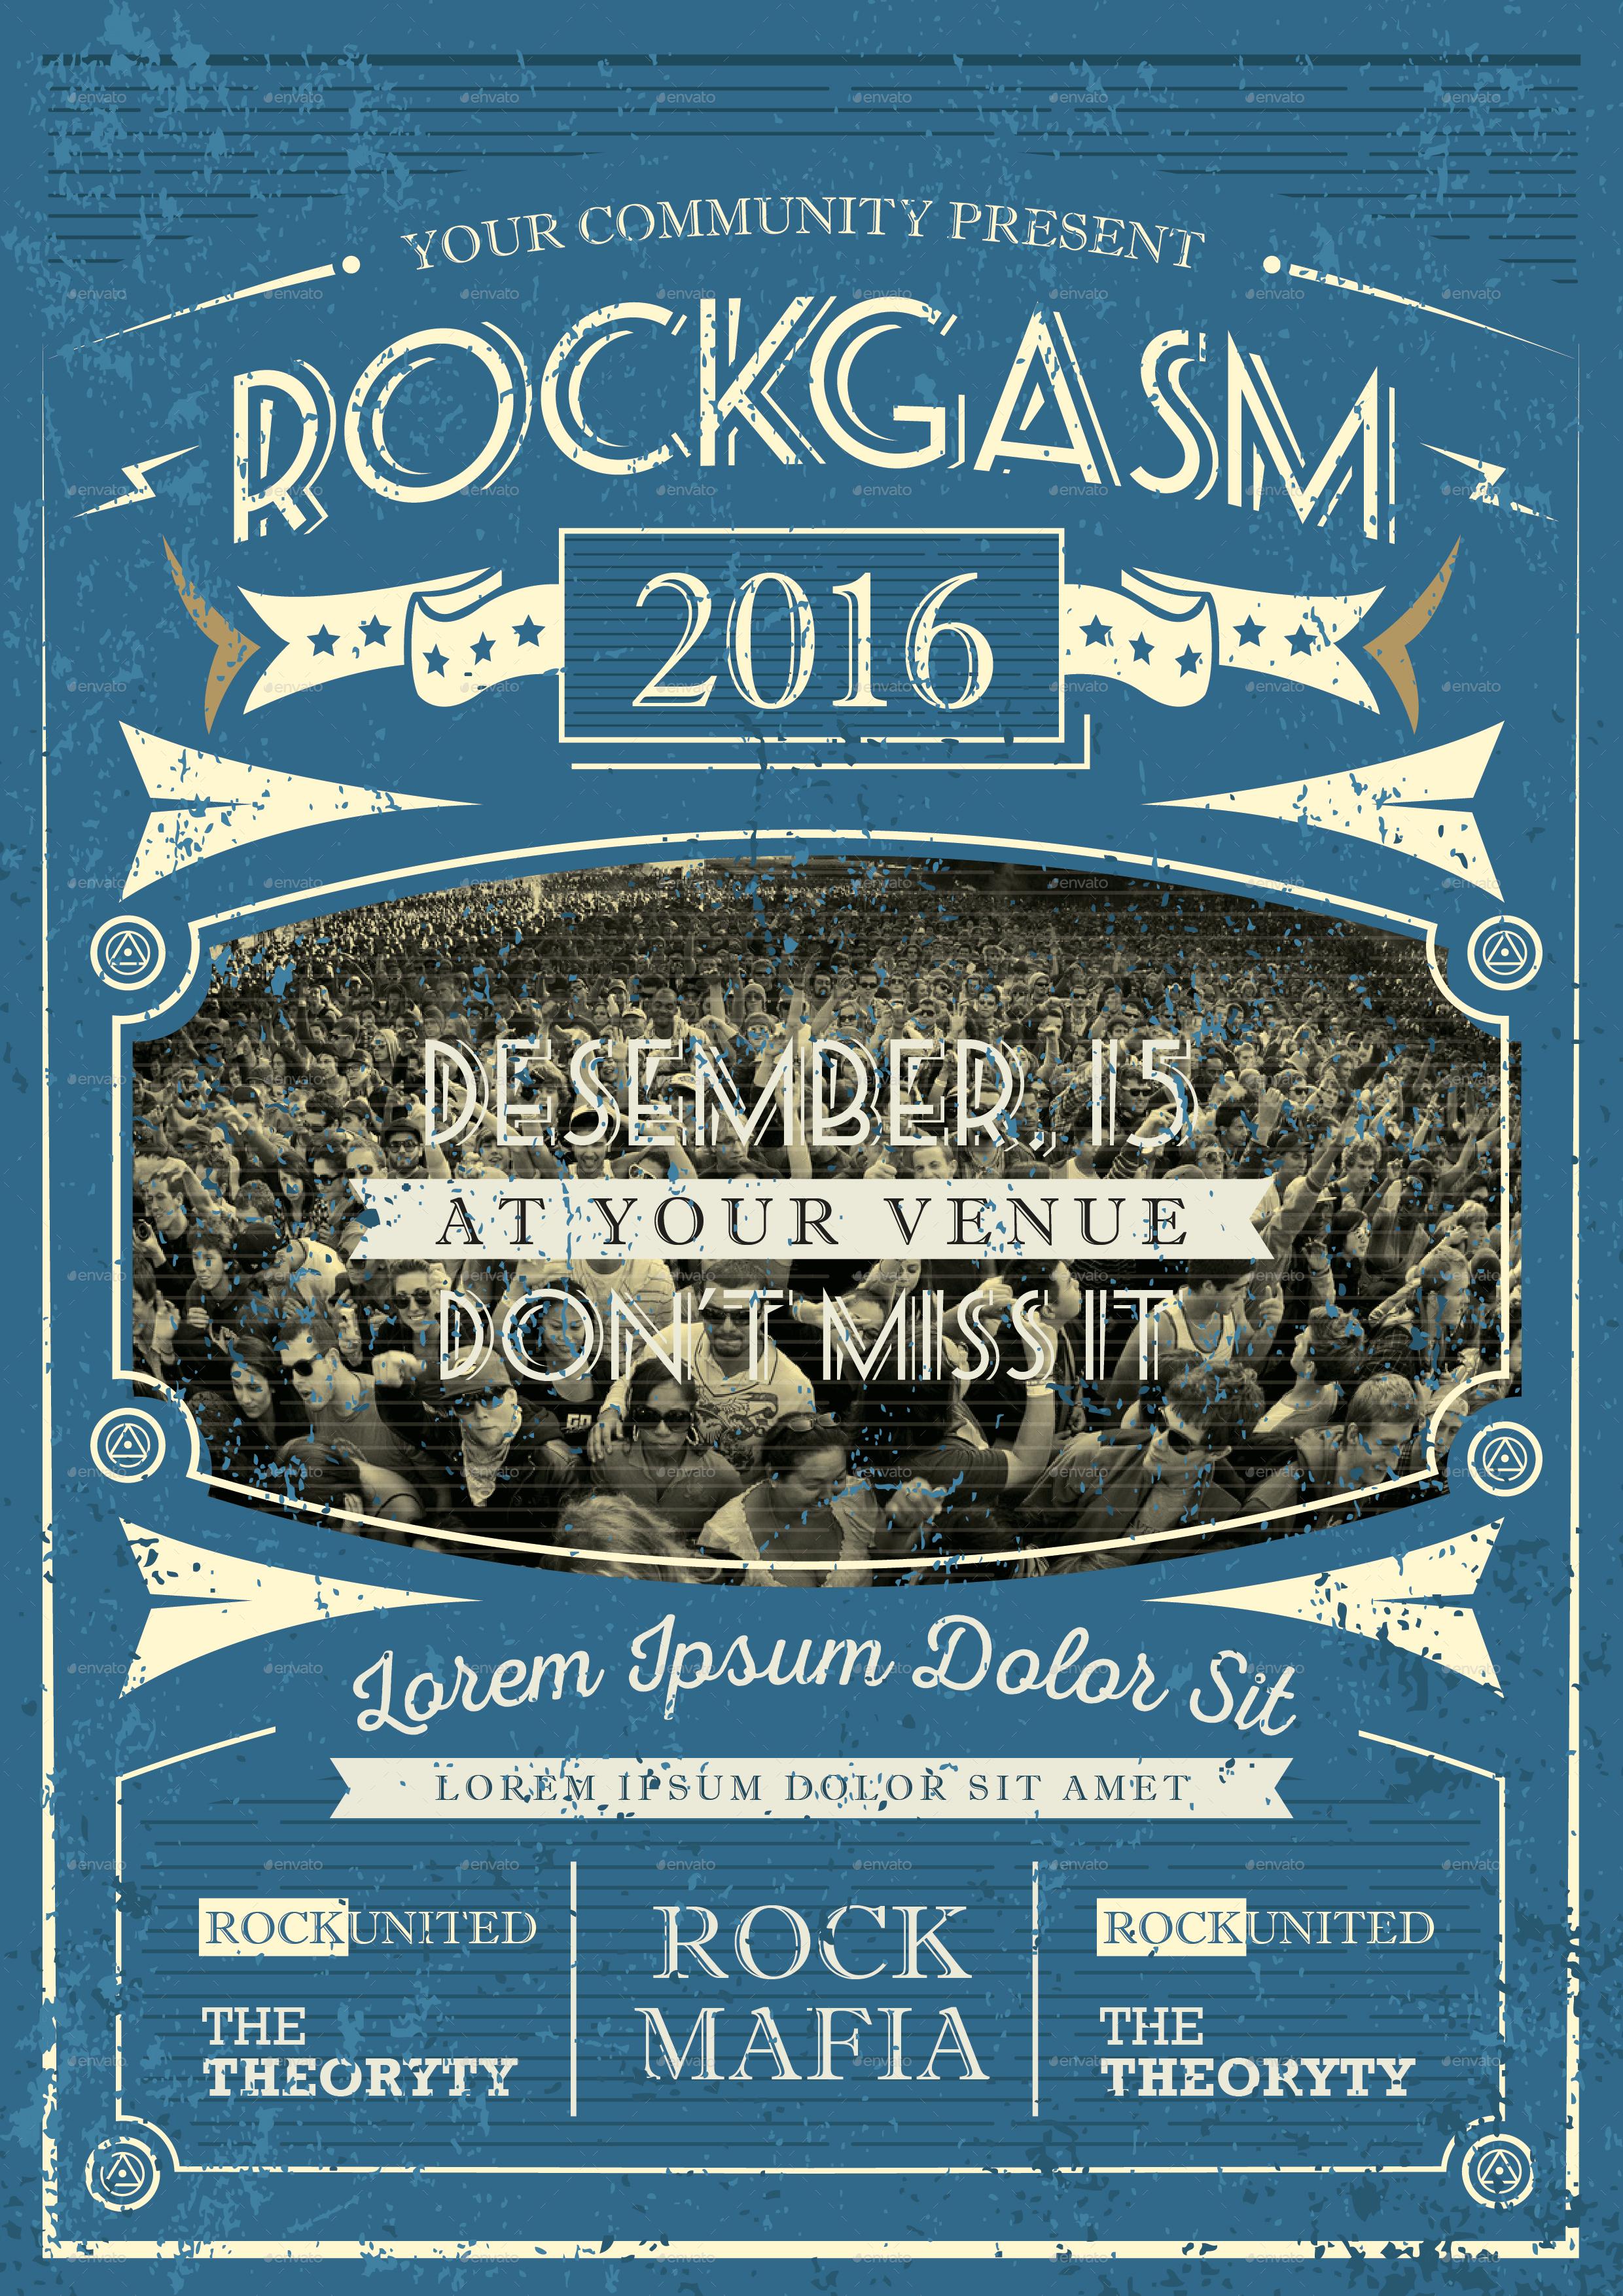 Super Vintage Music Flyer by RockGasm – Music Flyer